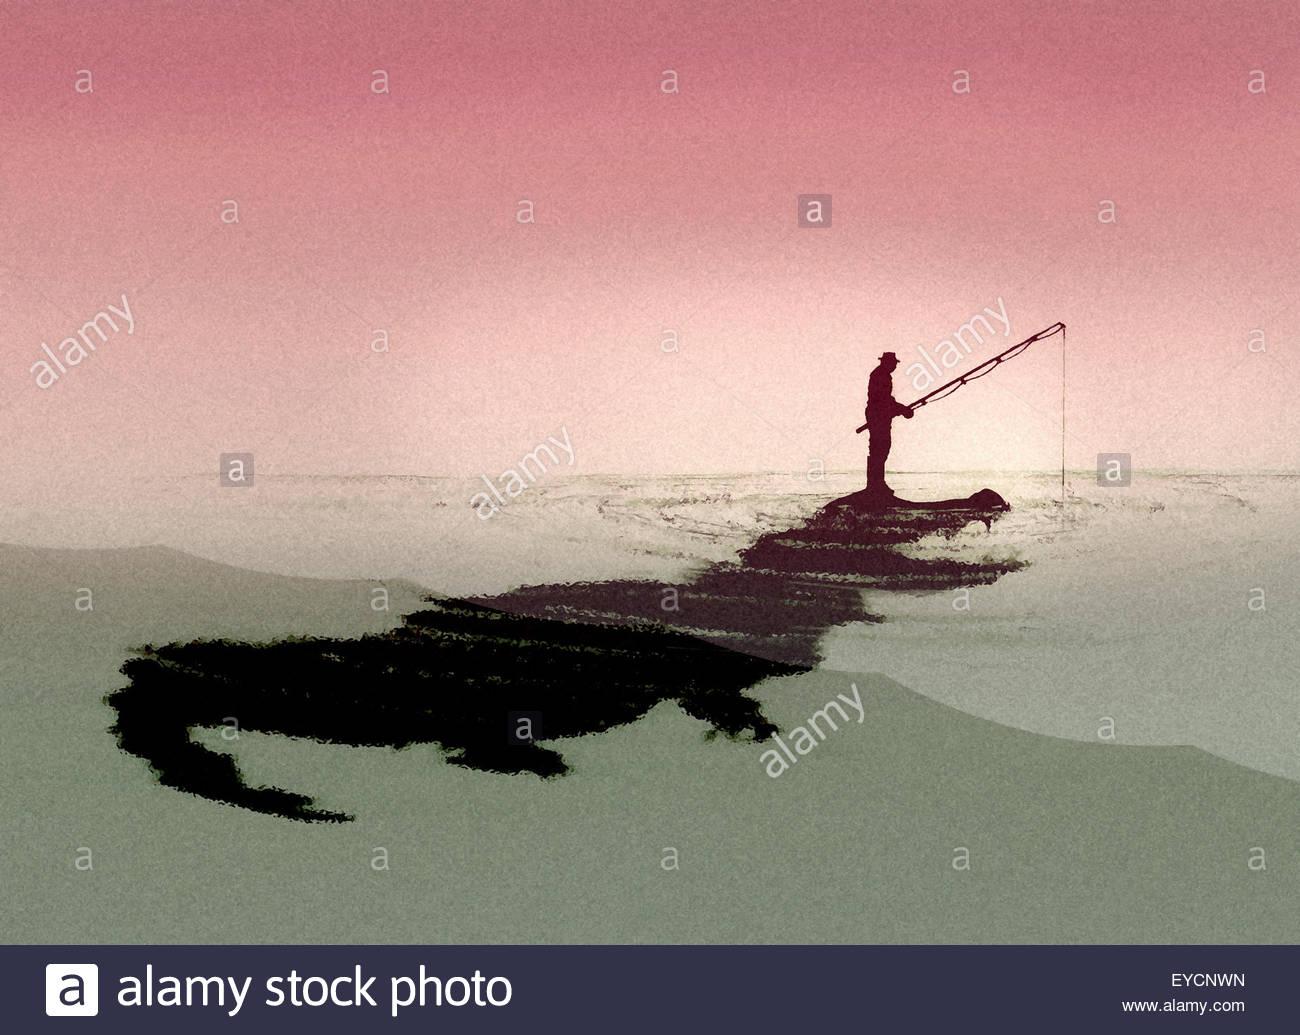 Mann Angeln ahnungslos von Krokodil unter Wasser Stockbild